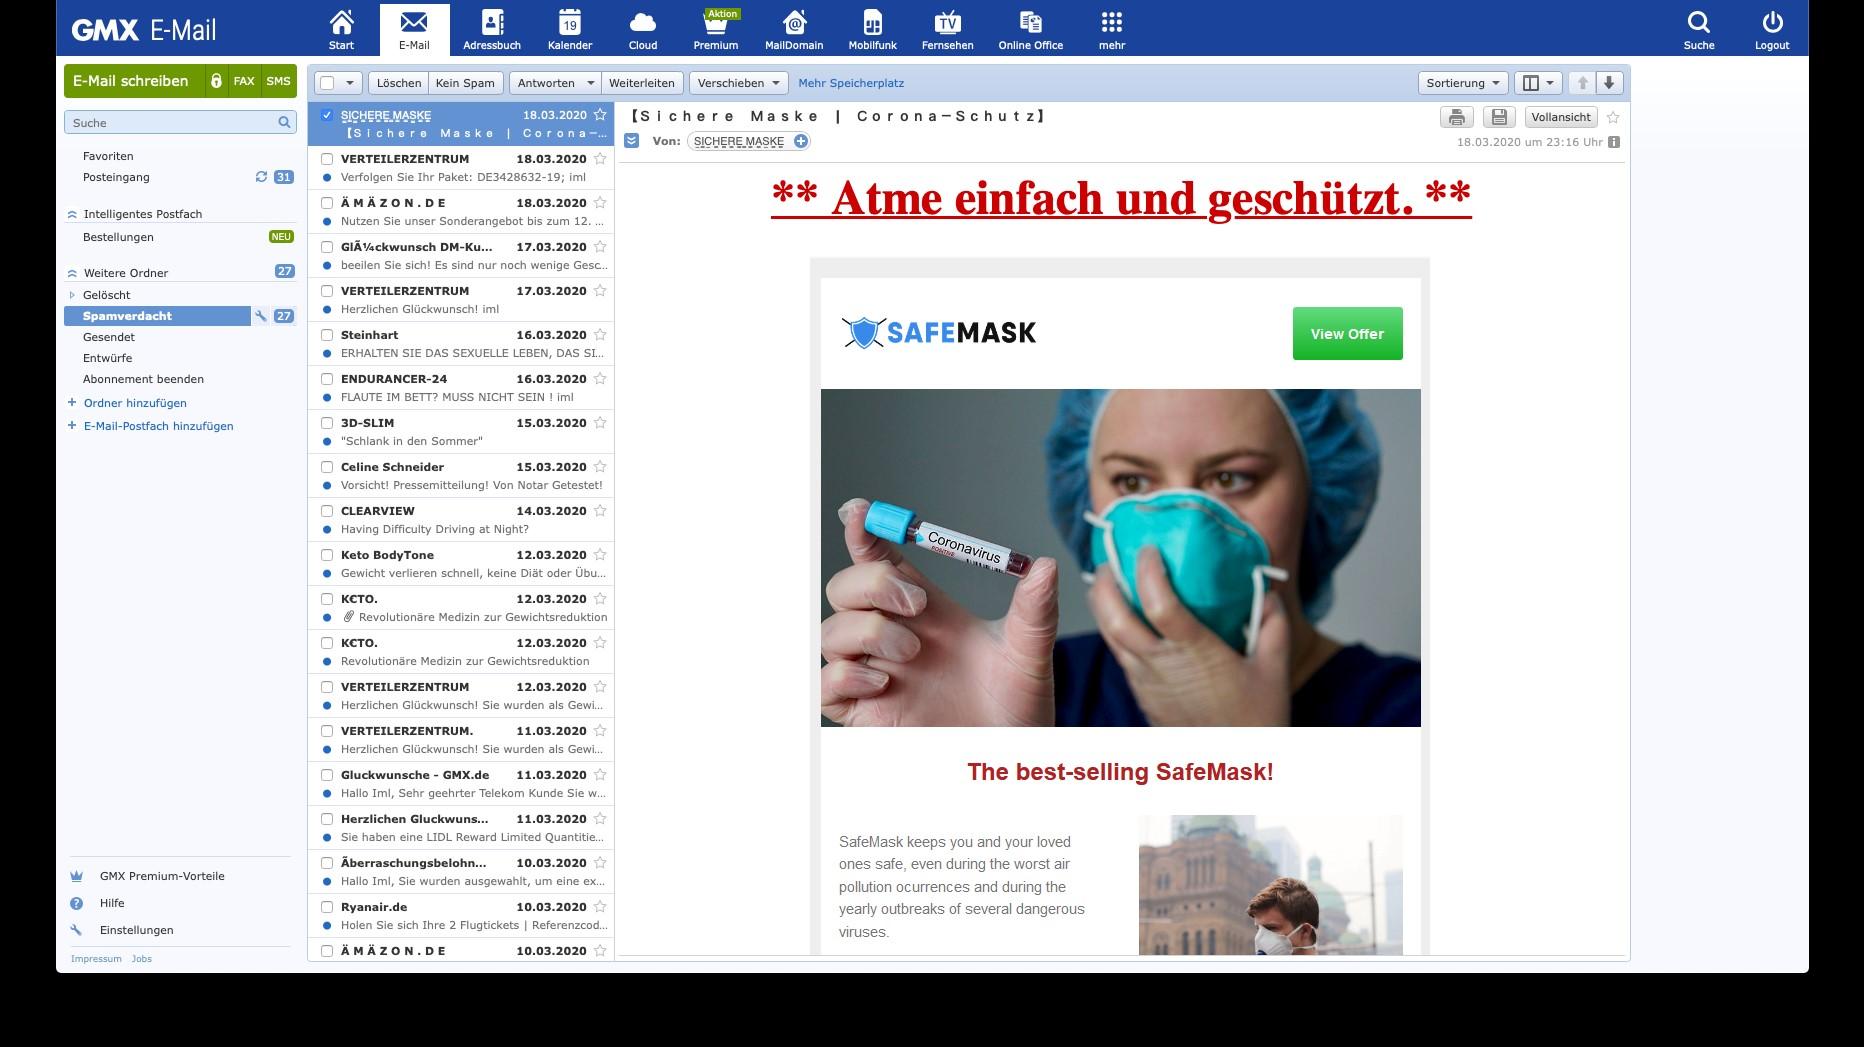 Onlinekriminelle nutzen die Corona-Krise für Phishing-Attacken. (c) GMX